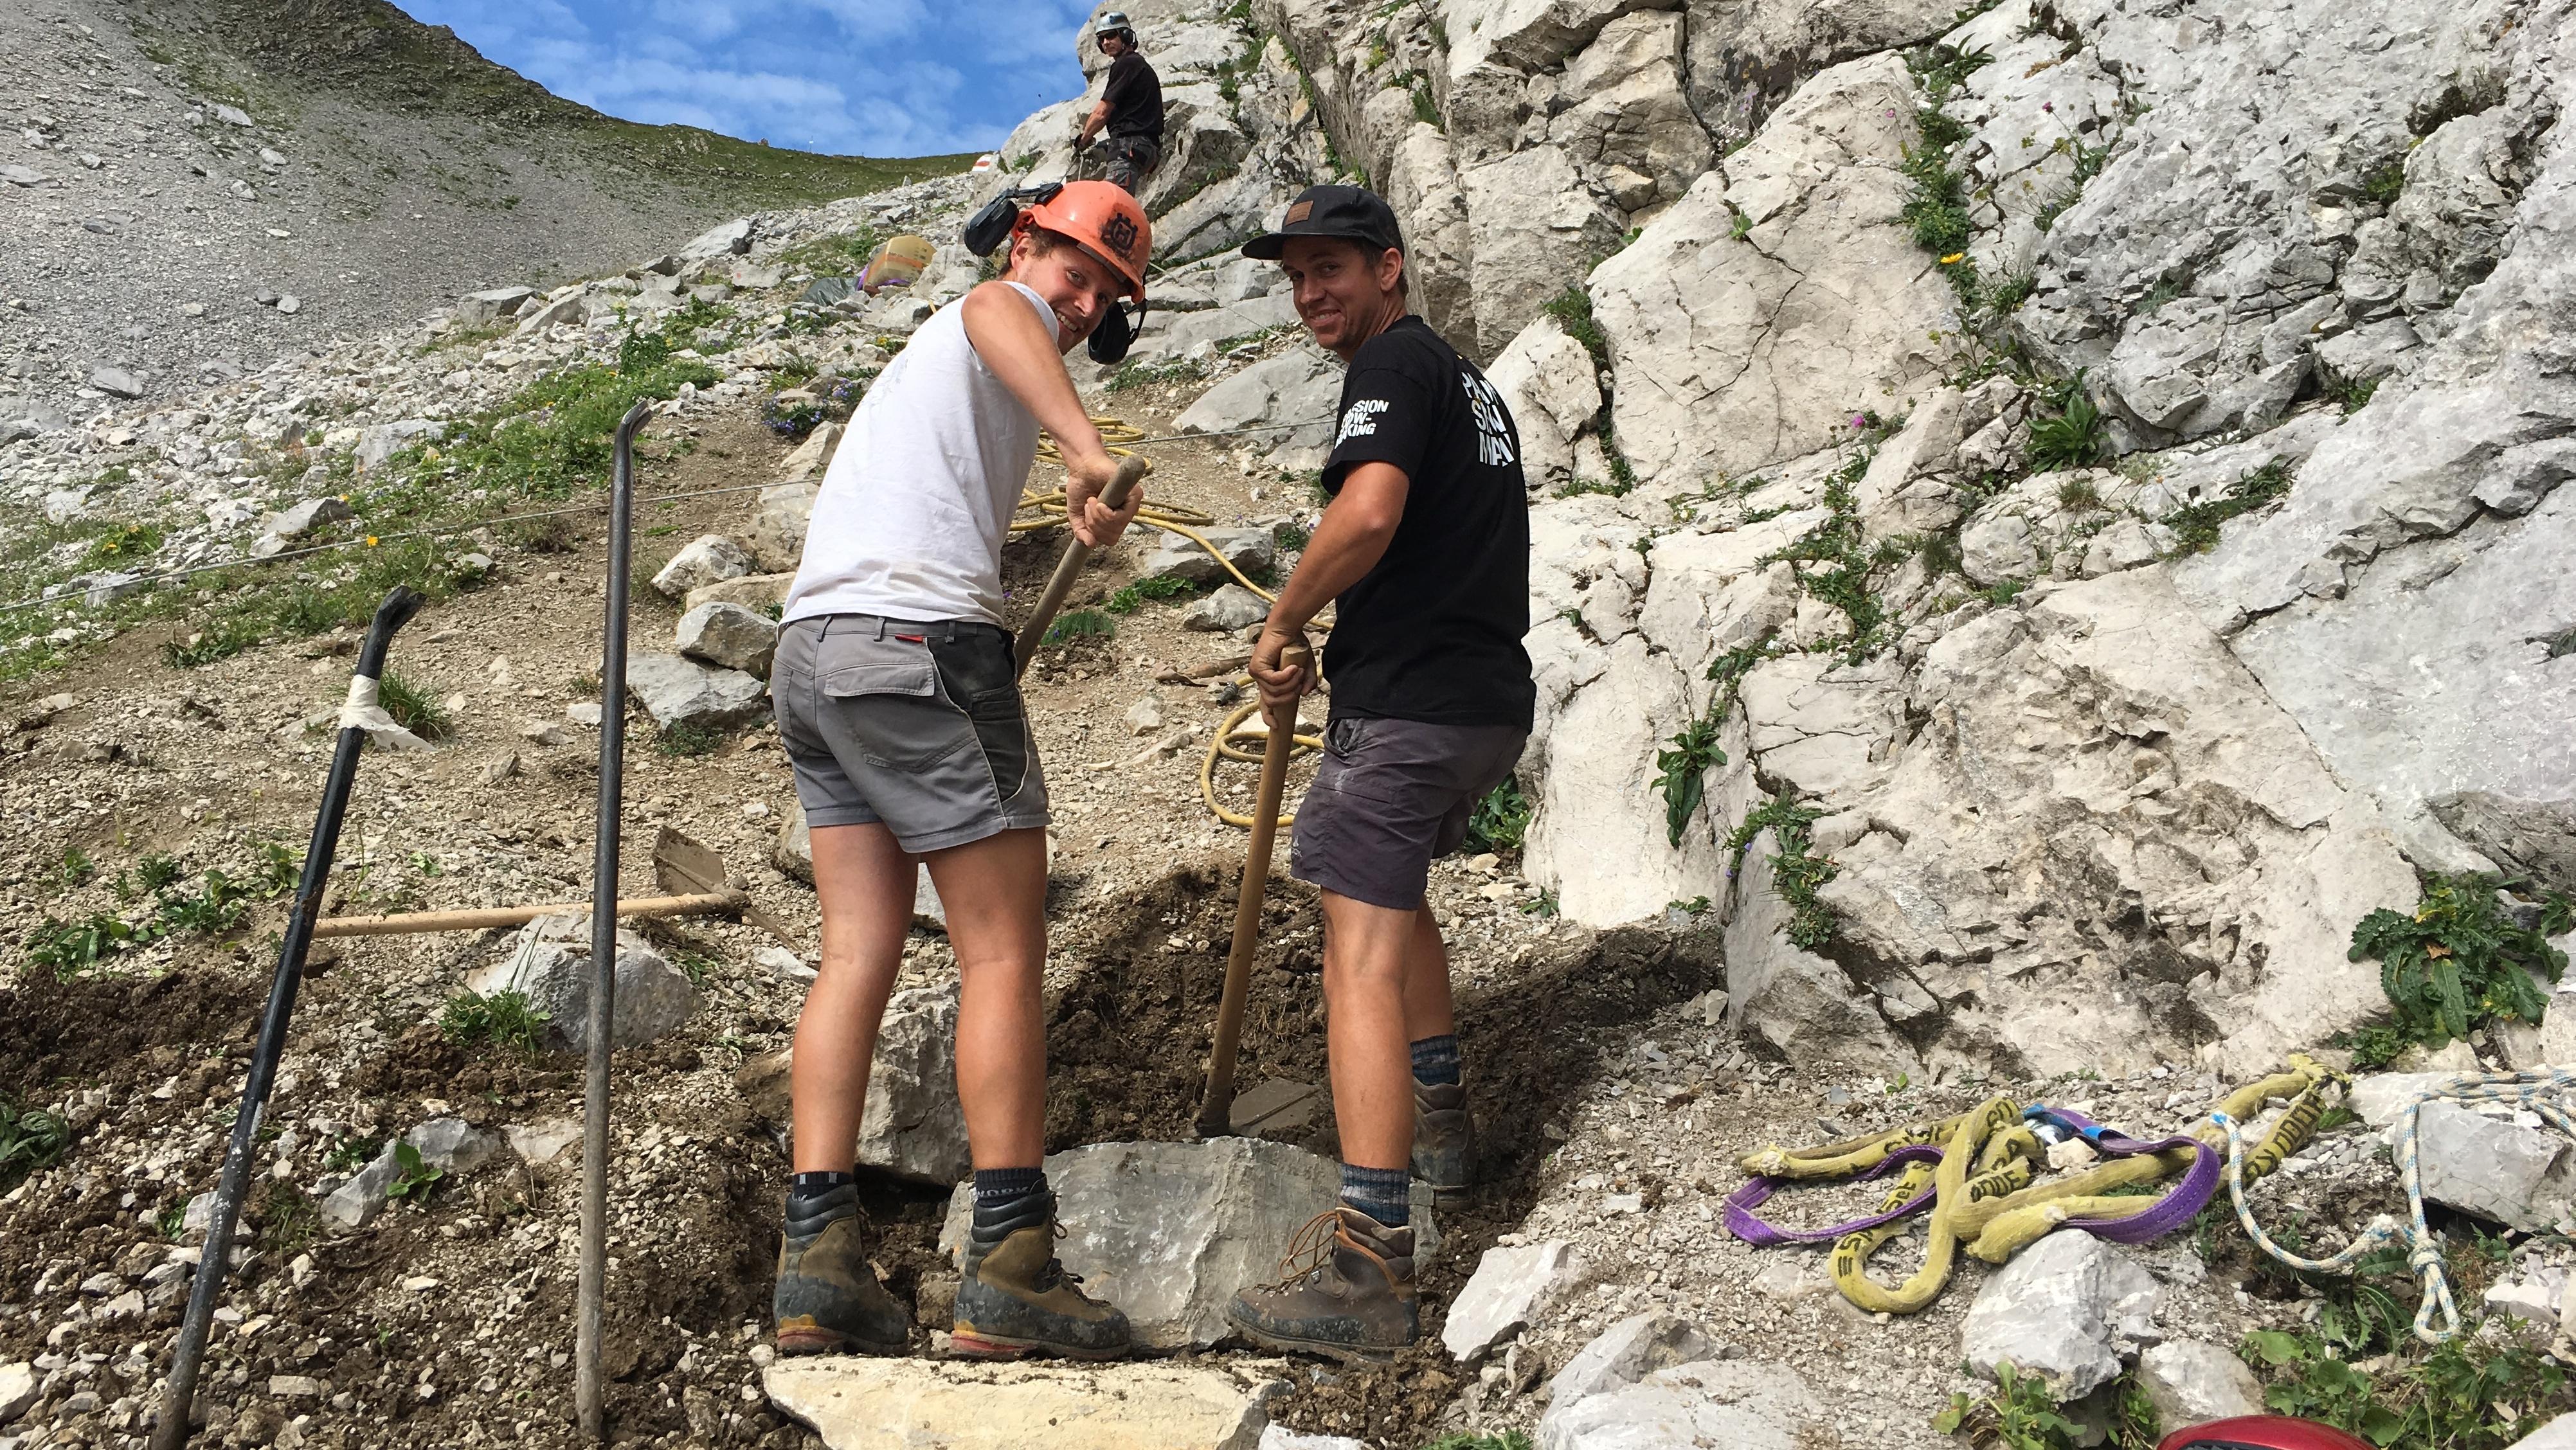 Zwei Männer in kurzen Hosen und Bergschuhen graben auf einem steilen Weg, um große Steine zu einer Treppe aufzustapeln